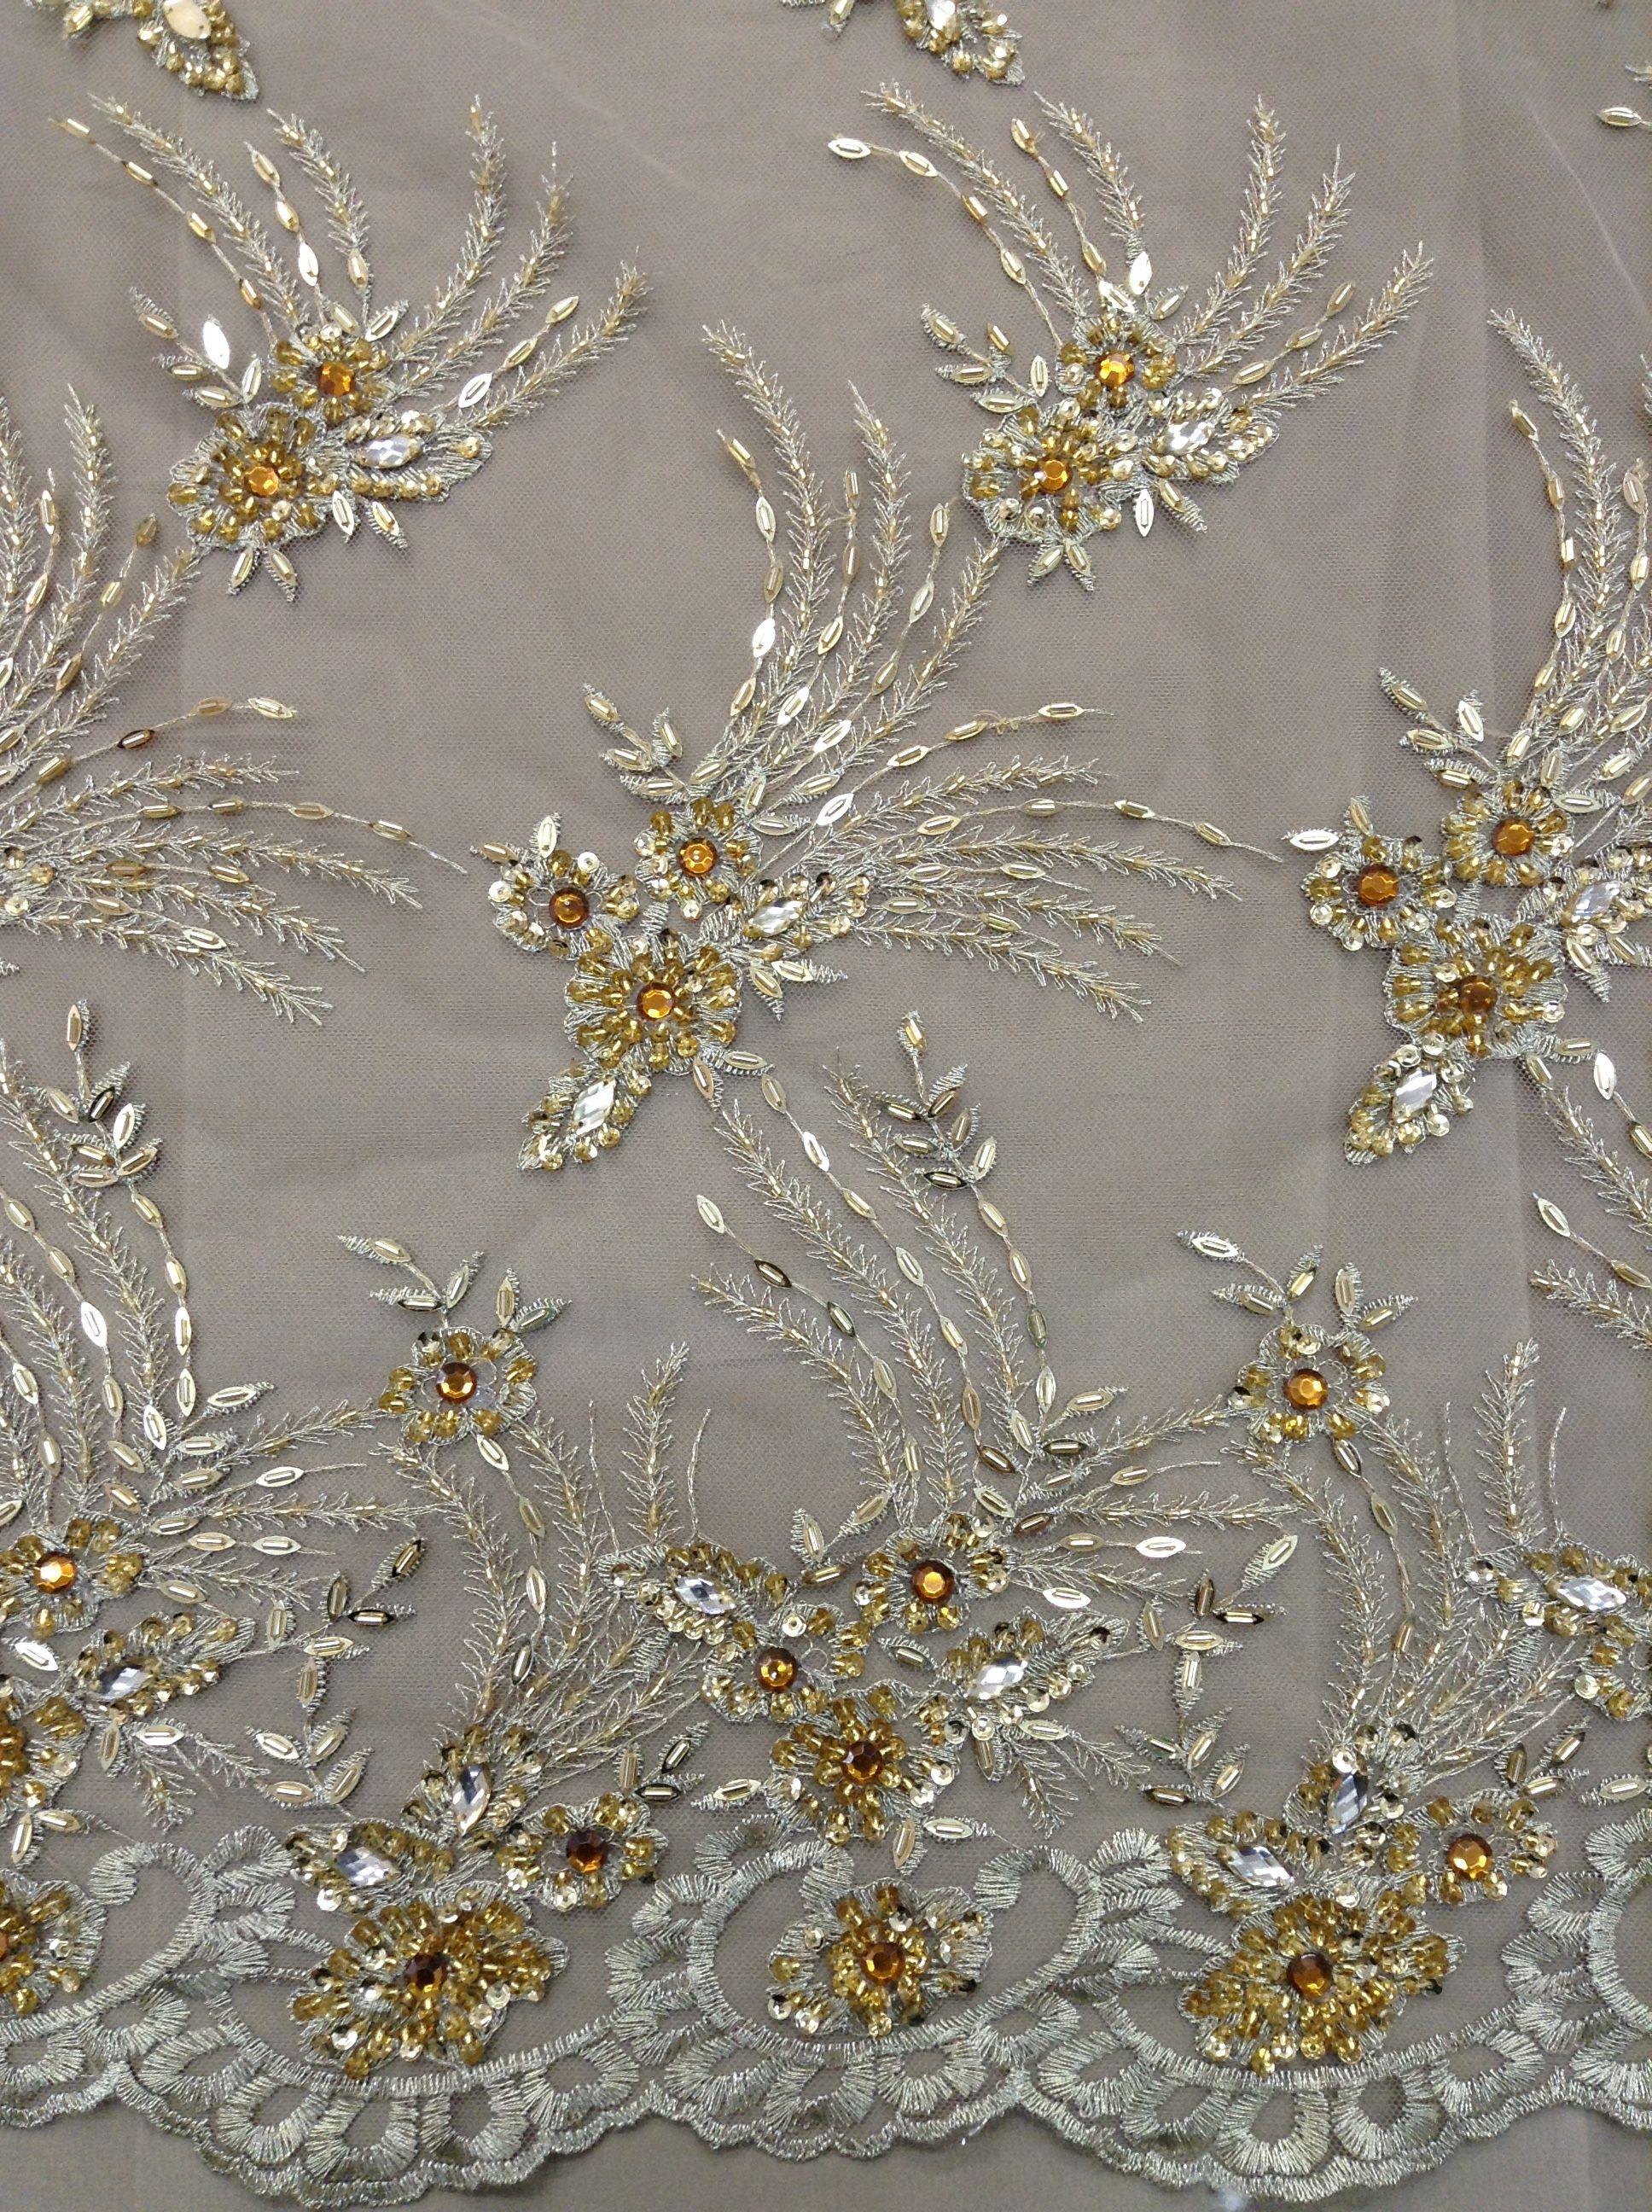 Lindo esse tule bordado com pedras douradas!!! Acesse o link e veja mais tule bordado e tecidos para roupas de festa http://www.lojas104.com.br/tecidos-festas/?page=1